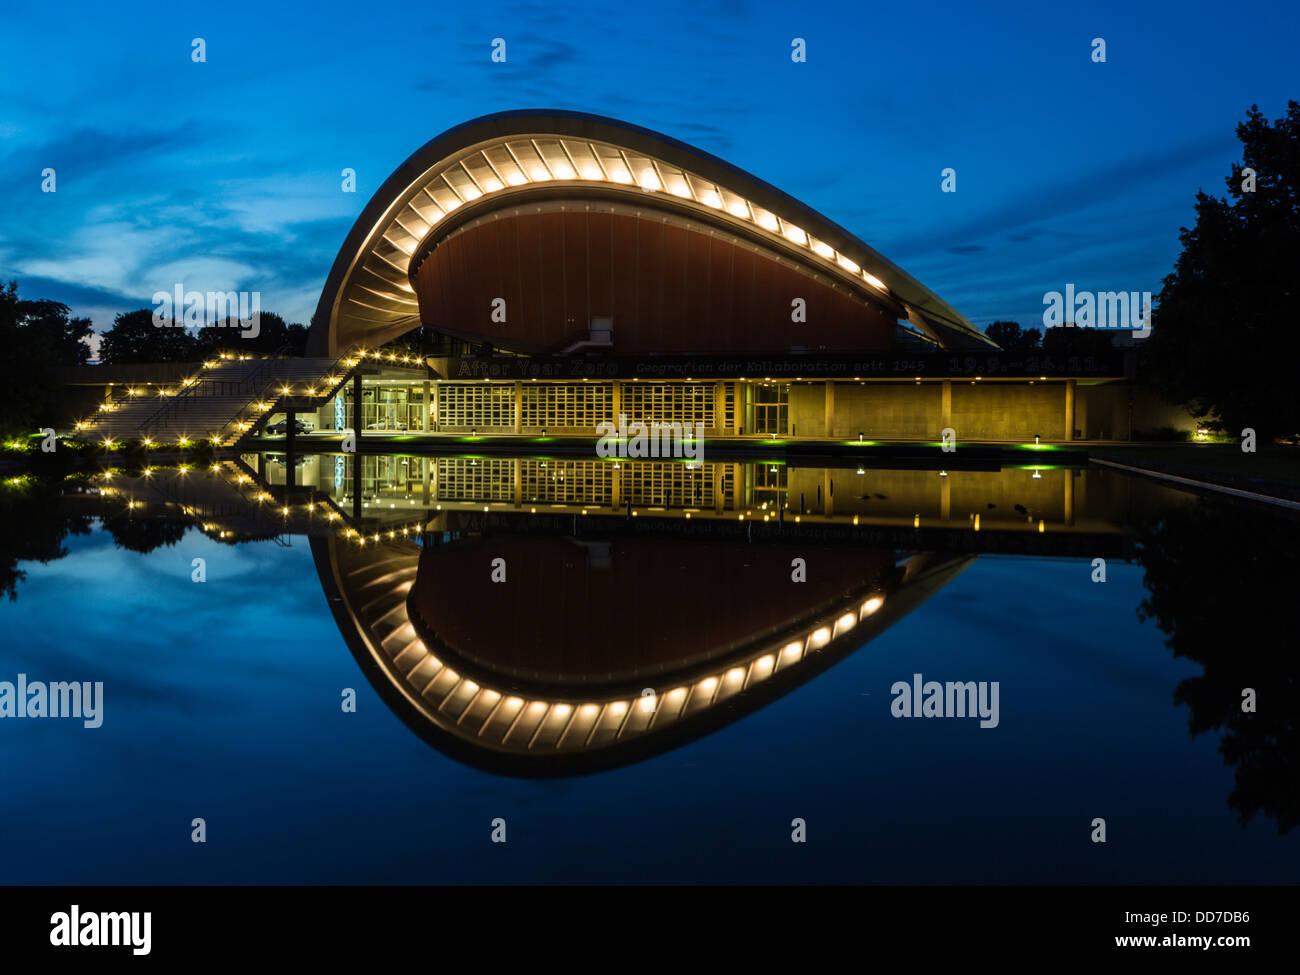 Haus der Kulturen der Welt - Stock Image